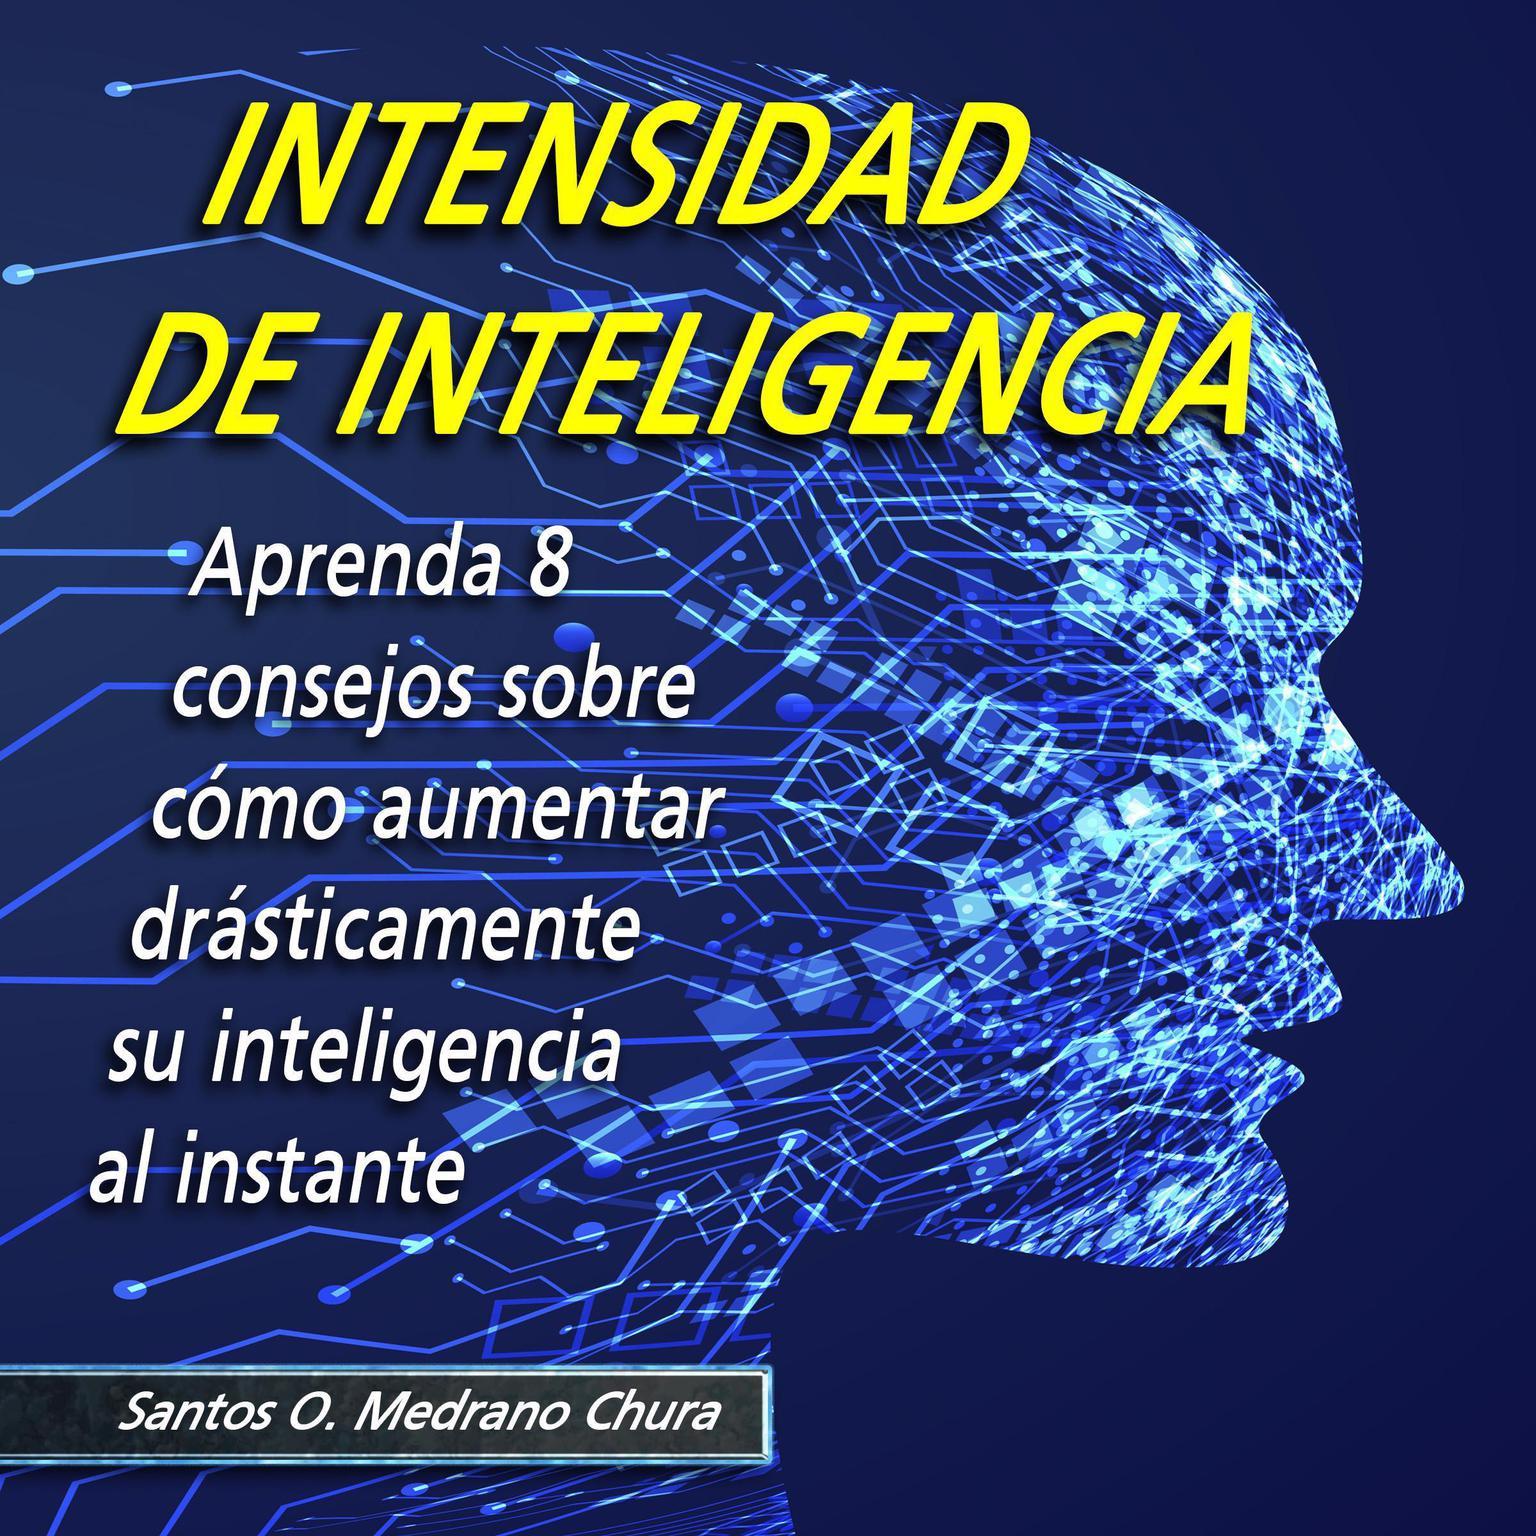 Intensidad de inteligencia: Aprenda 8 consejos sobre cómo aumentar drásticamente su inteligencia al instante Audiobook, by Santos Omar Medrano Chura